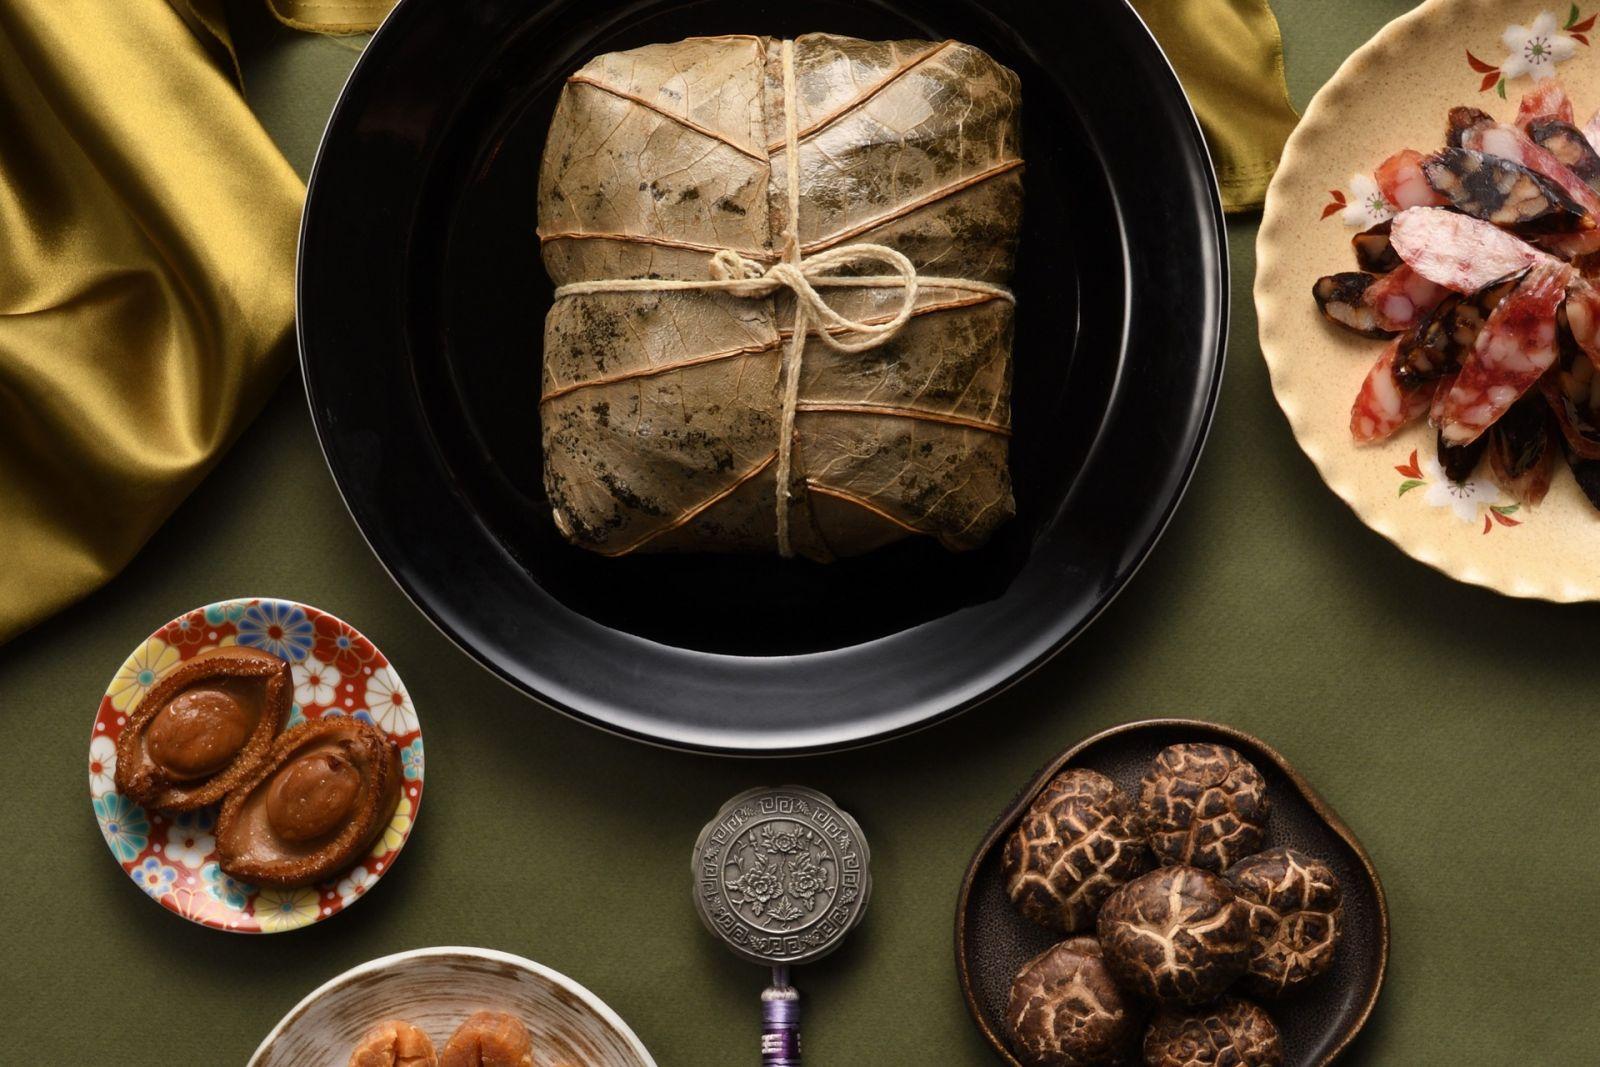 【端午節】送禮首選 舒肥和牛及頂級海味粽 豪氣集結山珍海味